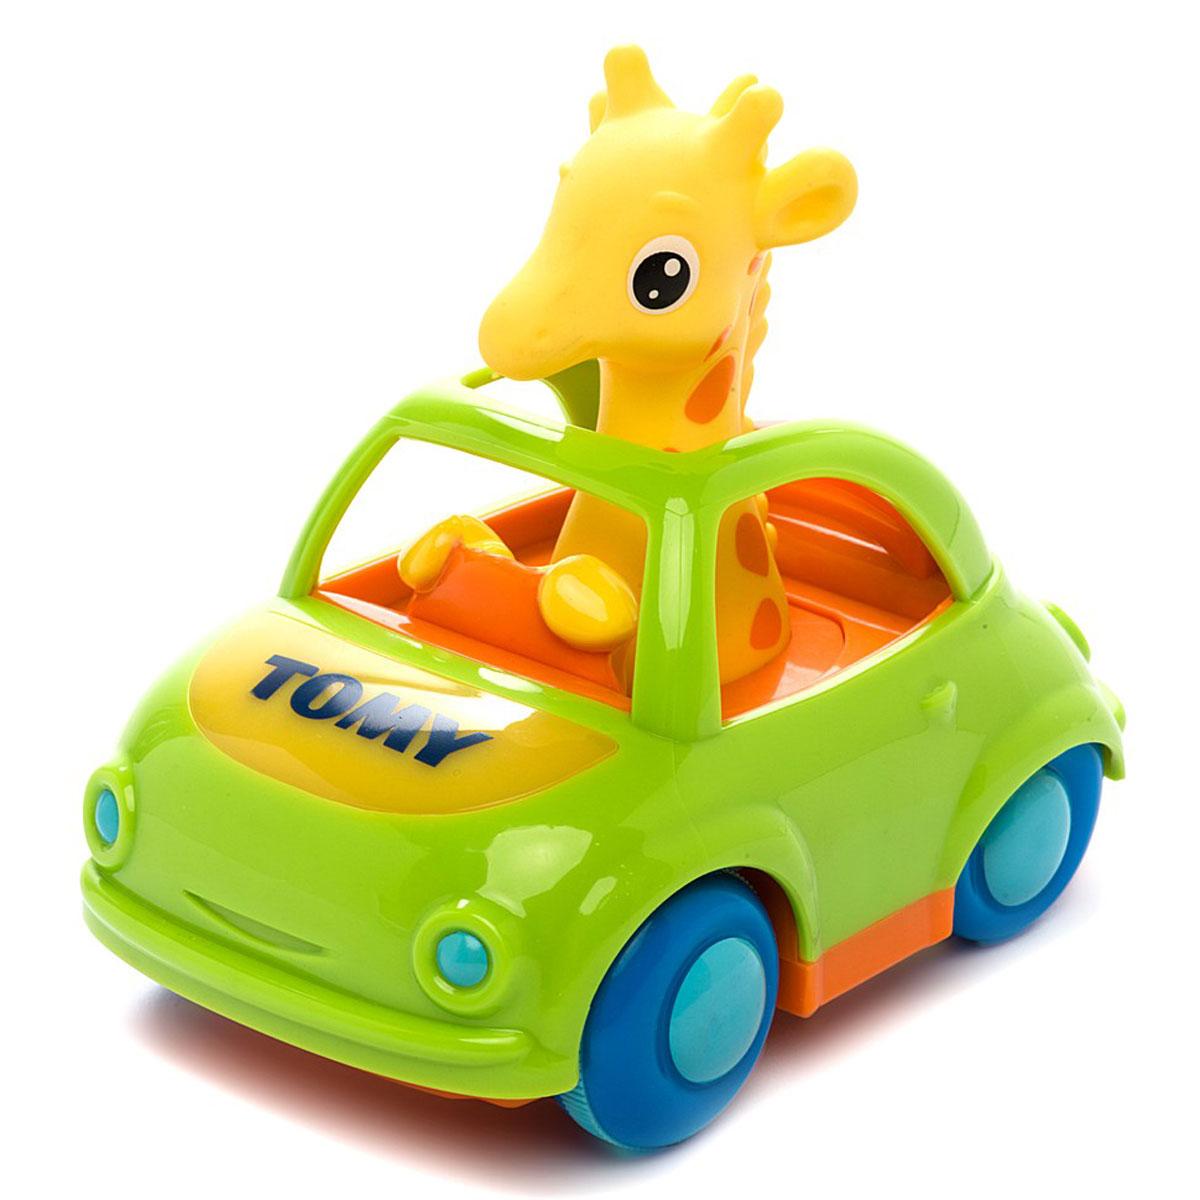 Tomy Развивающая игрушка Веселый Жираф-водитель, со звуковыми и световыми эффектами tomy электронная машинка со светом и звуком веселый жираф водитель